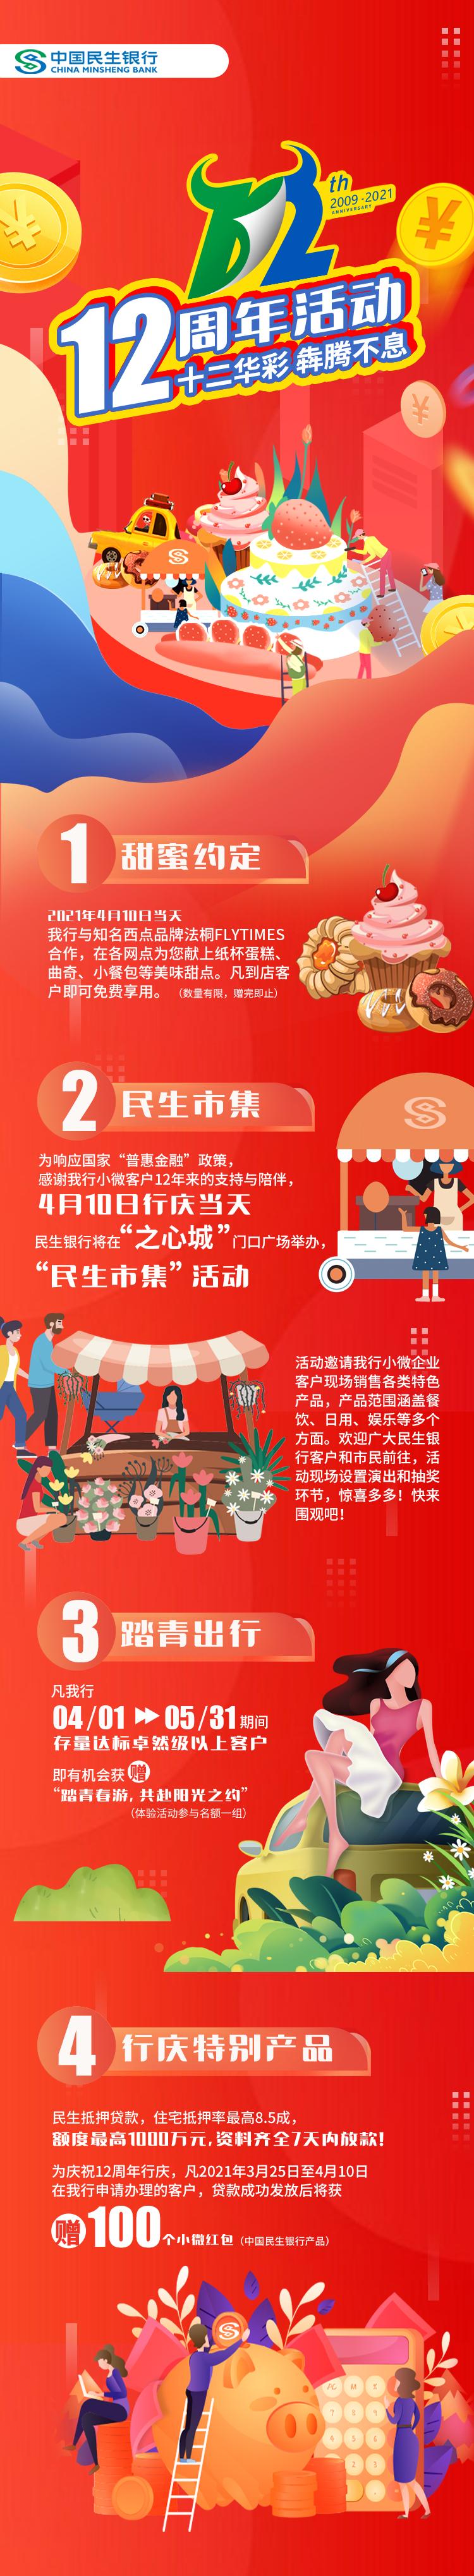 """十二华彩 犇腾不息——中国民生银行合肥分行12周年行庆客户回馈""""嘉年华""""全面开启!"""